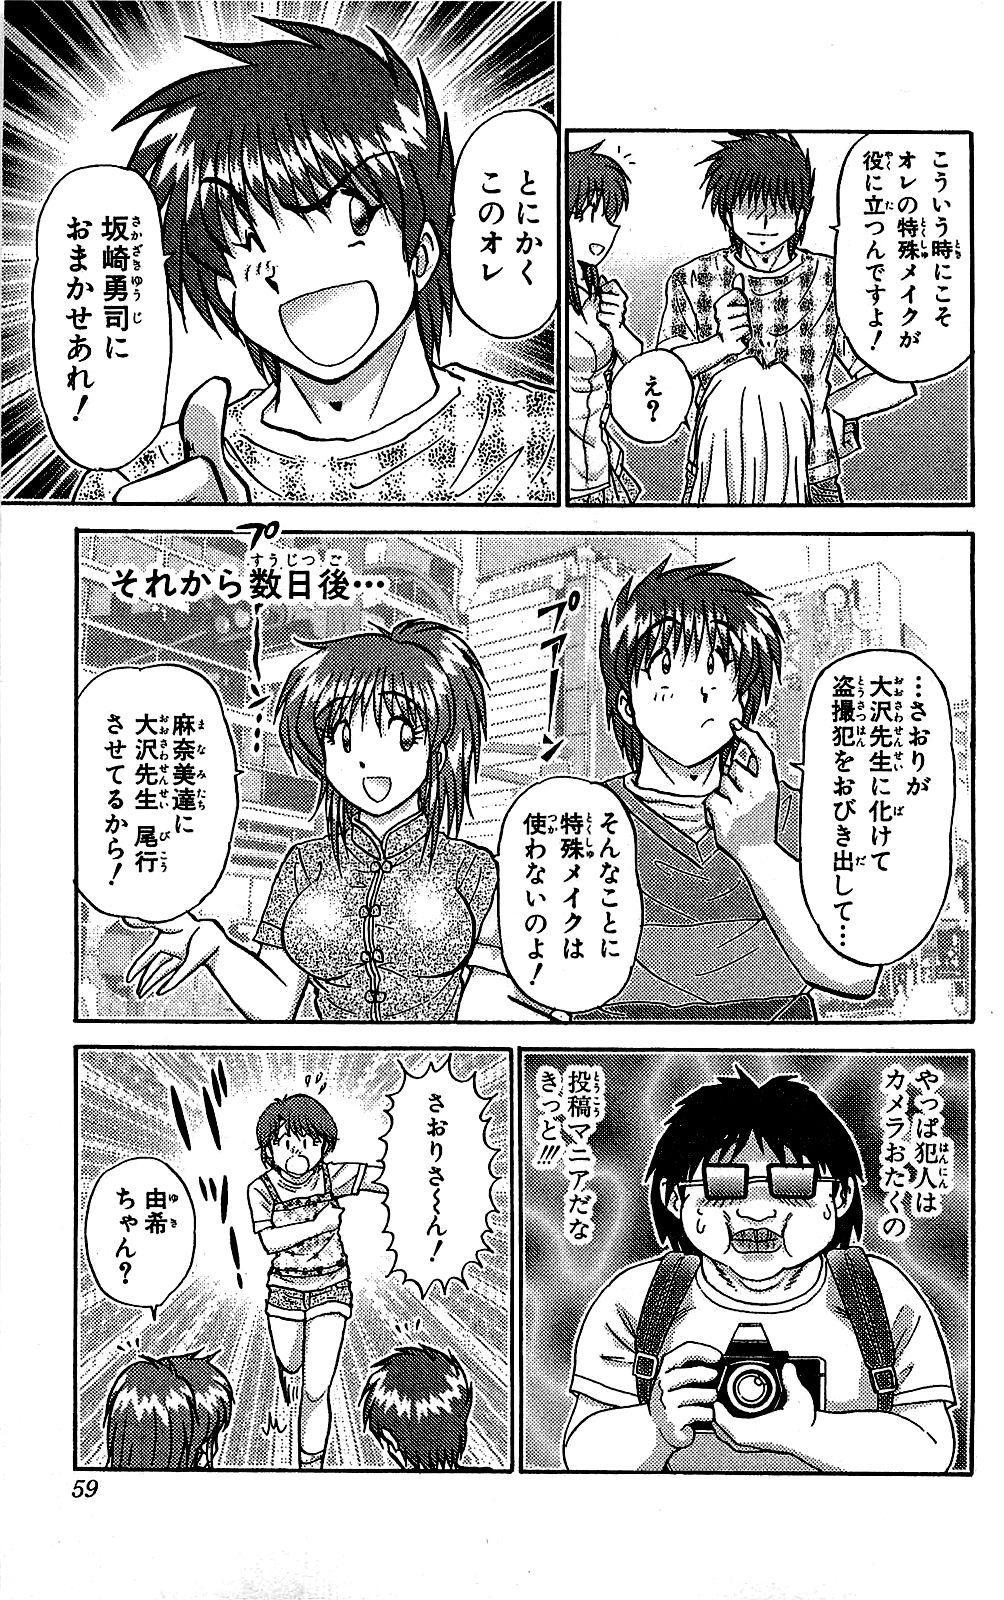 Miracle Make Yuuji 59